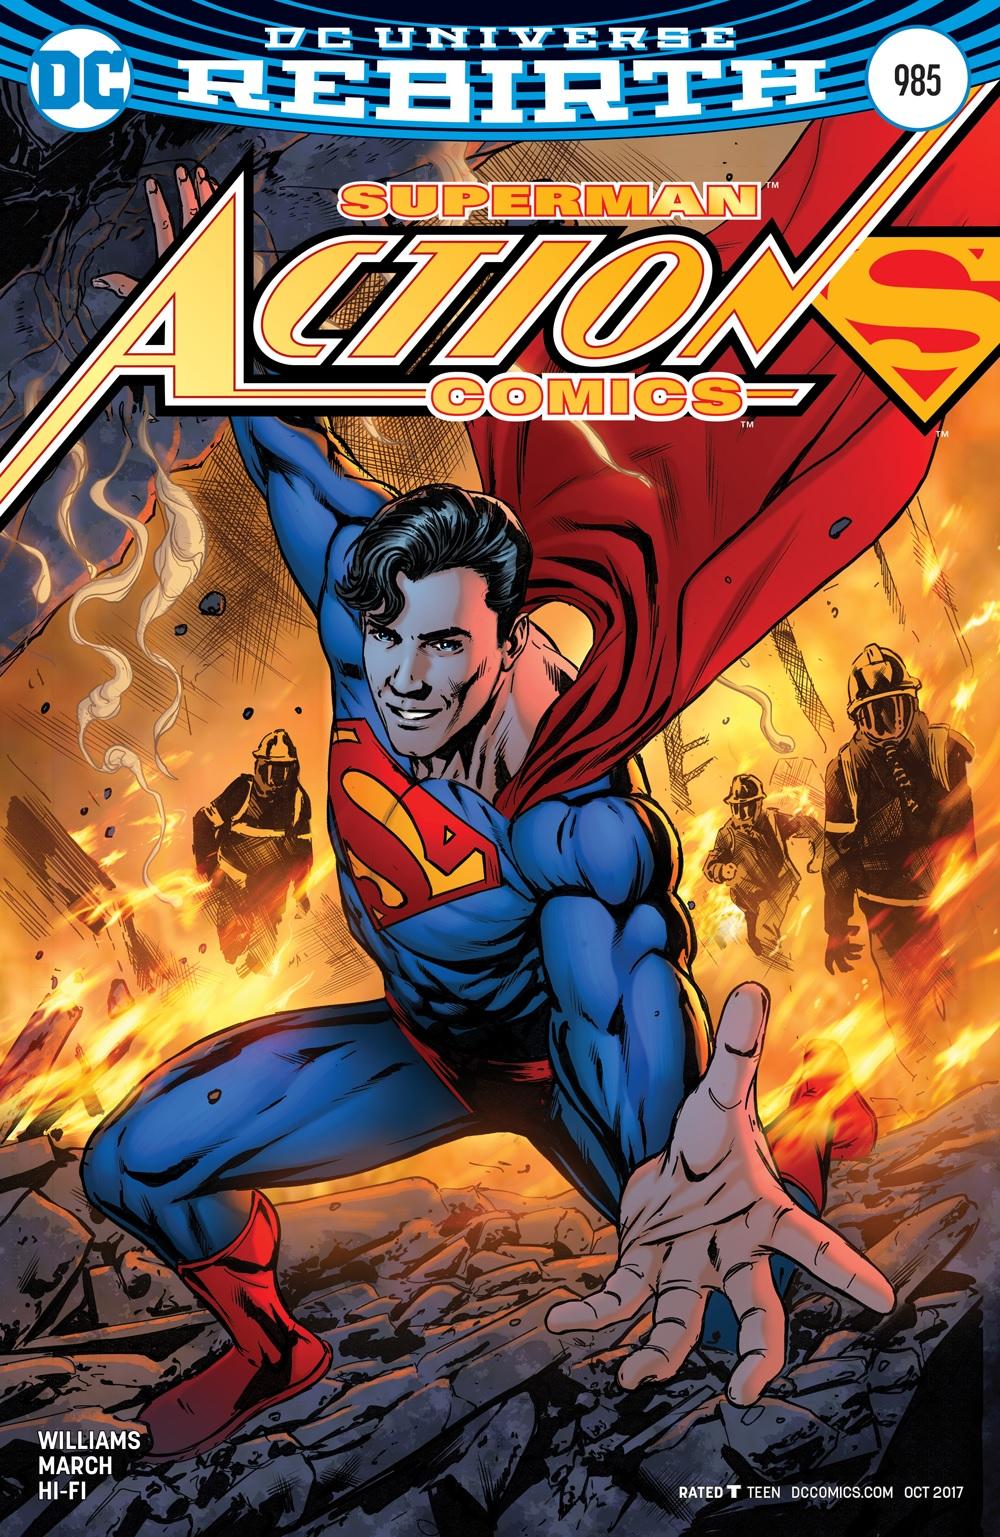 Action Comics Vol 1 985 Variant.jpg